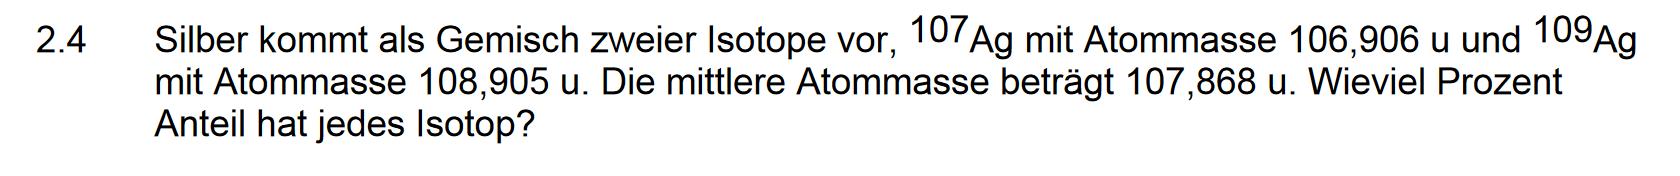 prozentualen anteil zweier isotope die miteinander vermischt sind chemie rechenaufgabe gemisch. Black Bedroom Furniture Sets. Home Design Ideas